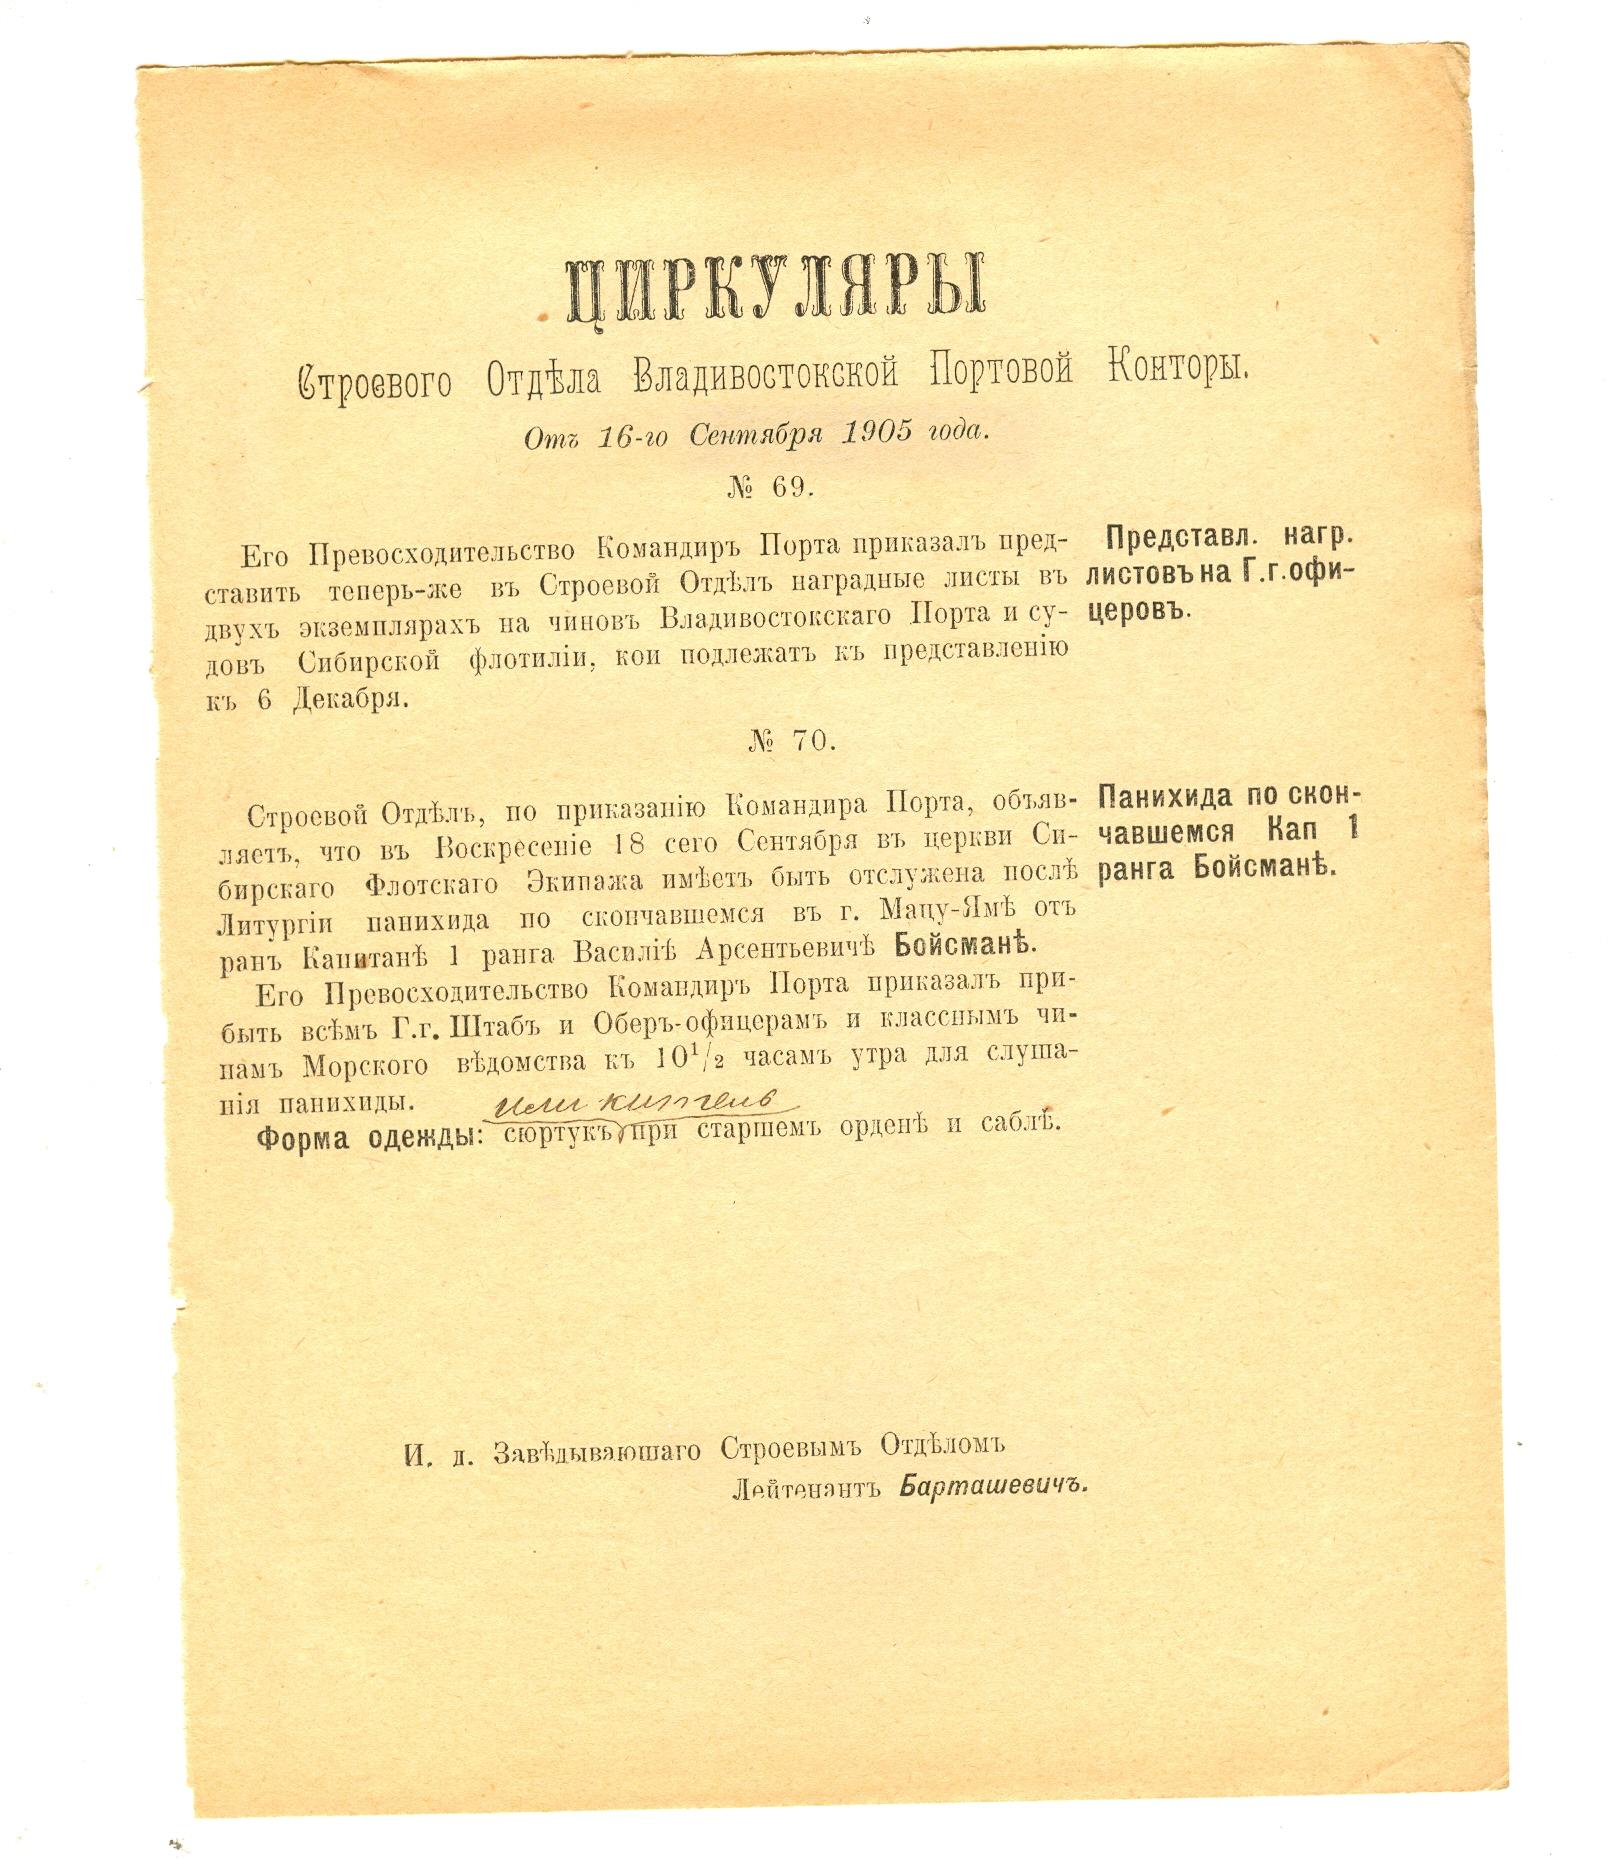 Циркуляры Строевого Отдела Владивостокской Портовой Конторы №69 и №70